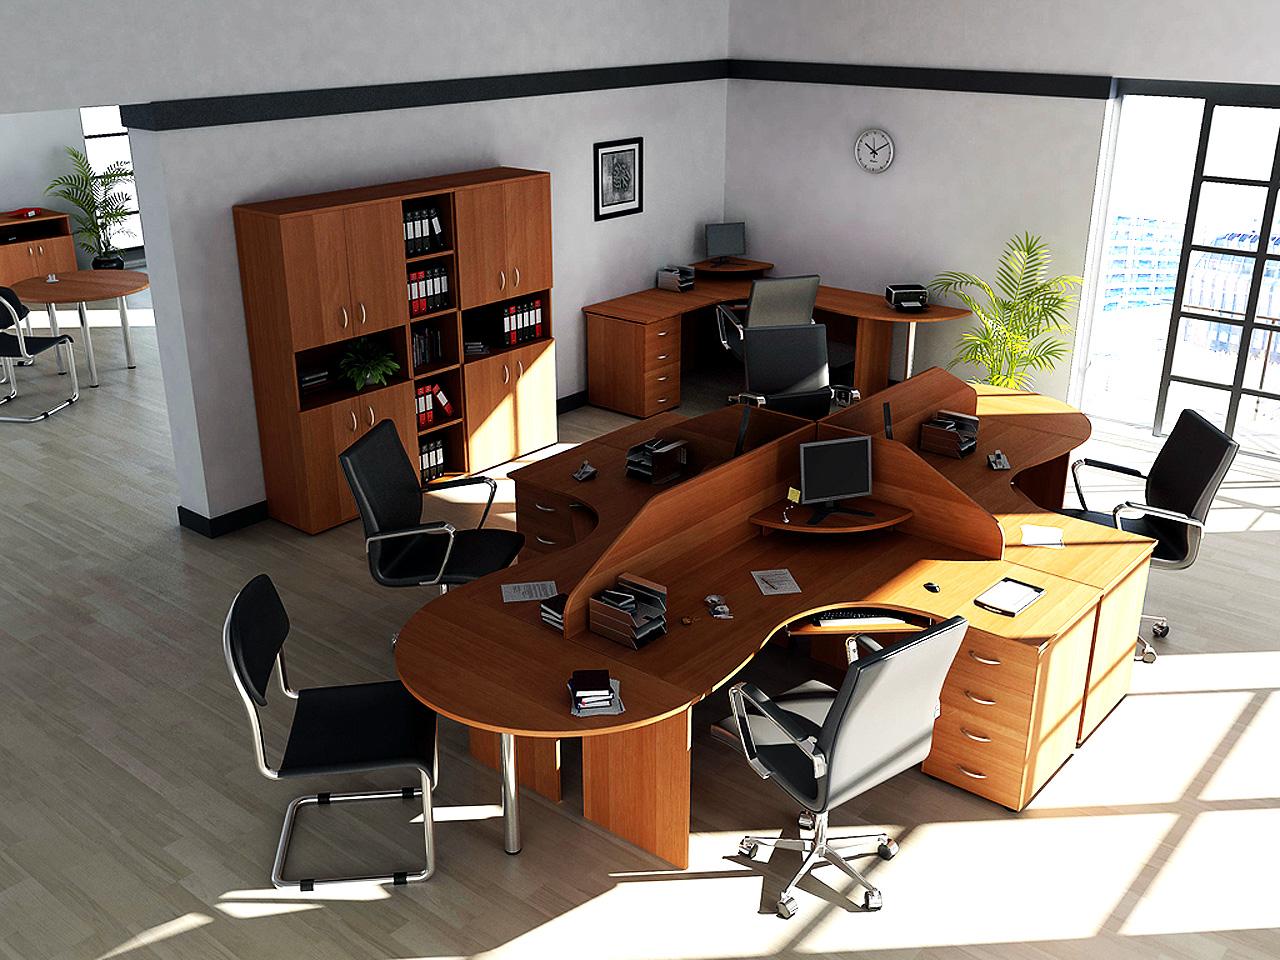 Необычная офисная мебель в интерьере